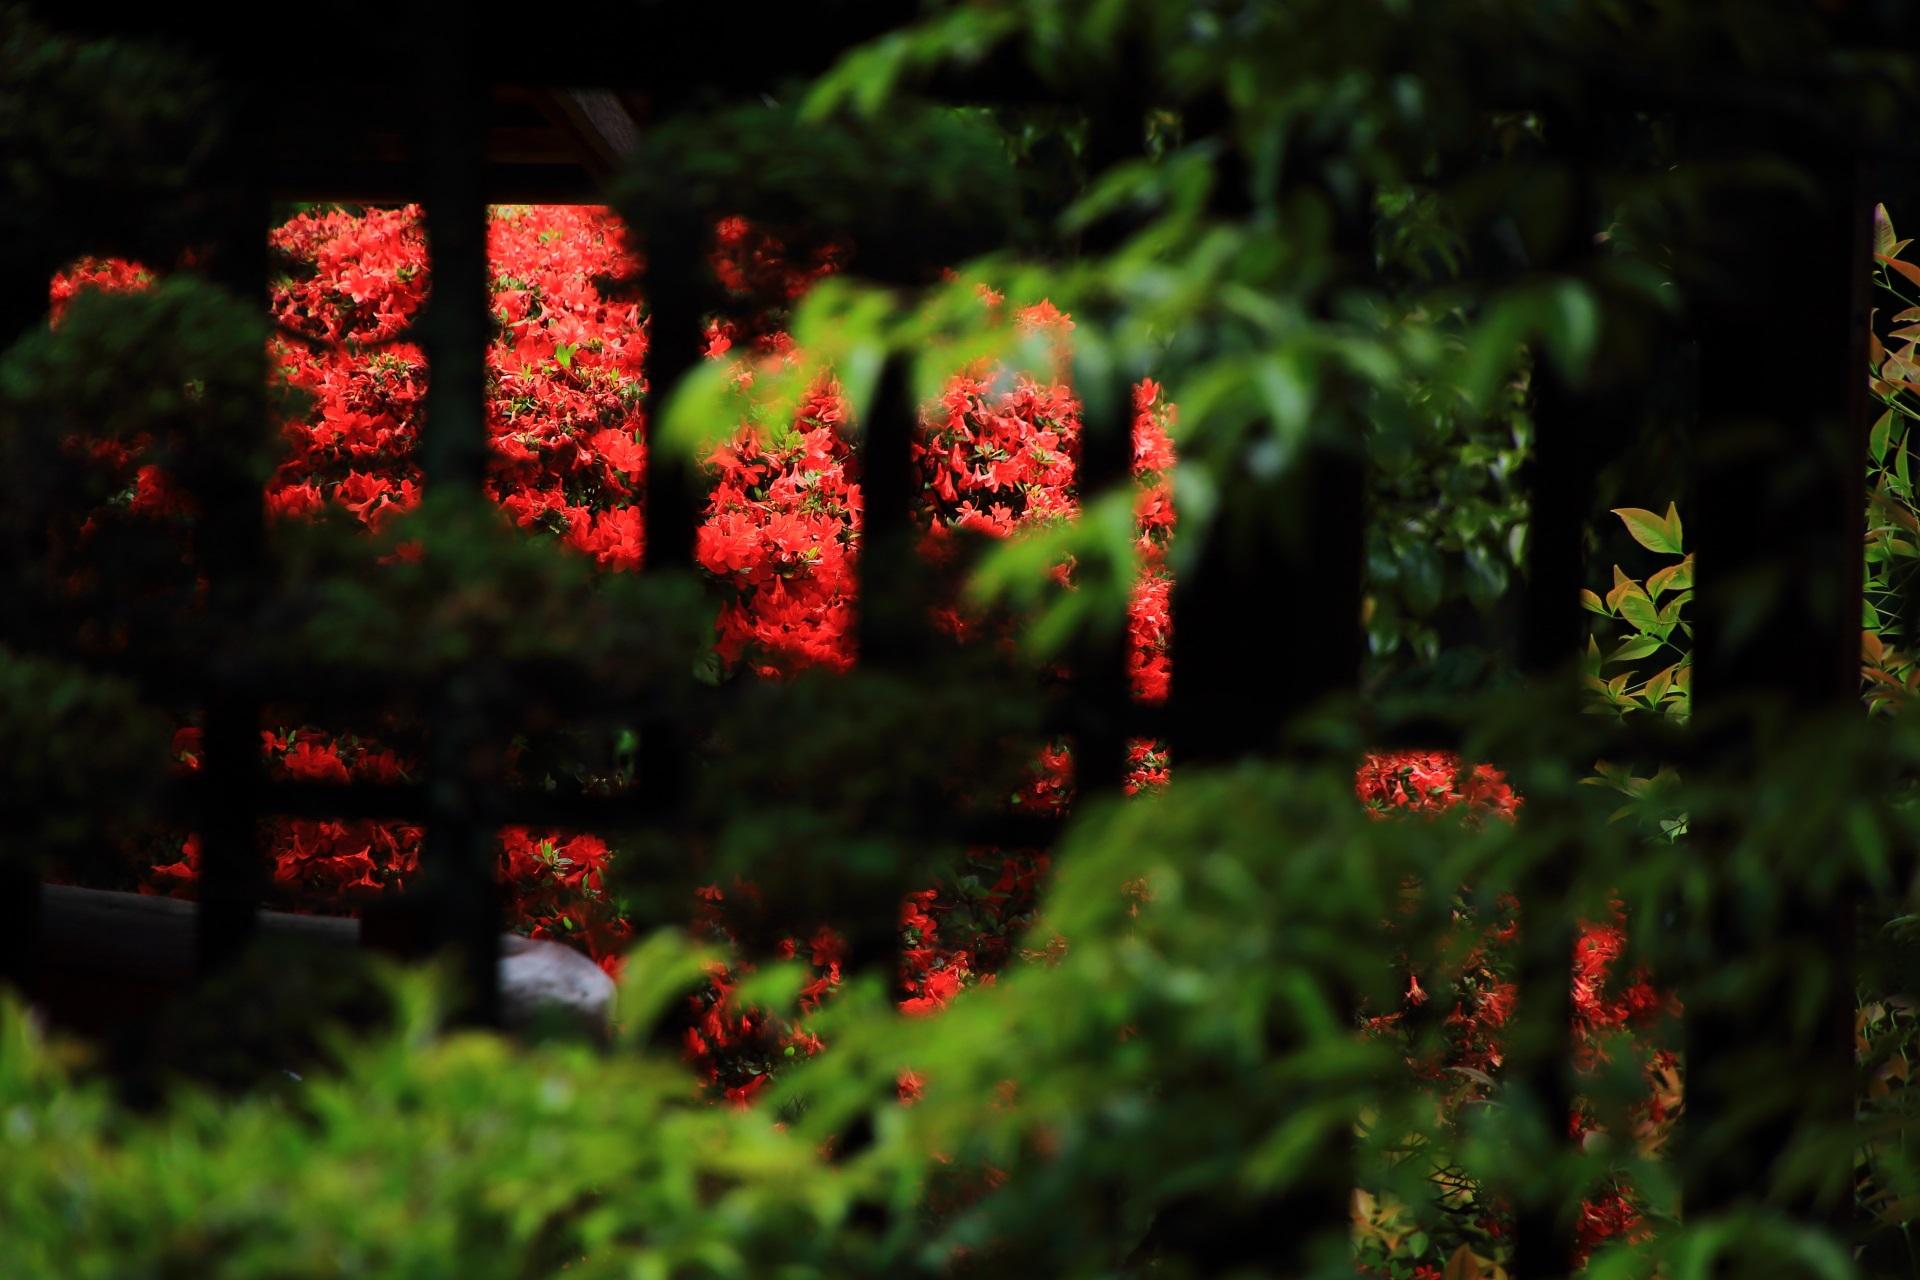 格子から見えるお茶室前の煌びやかな赤いキリシマツツジ